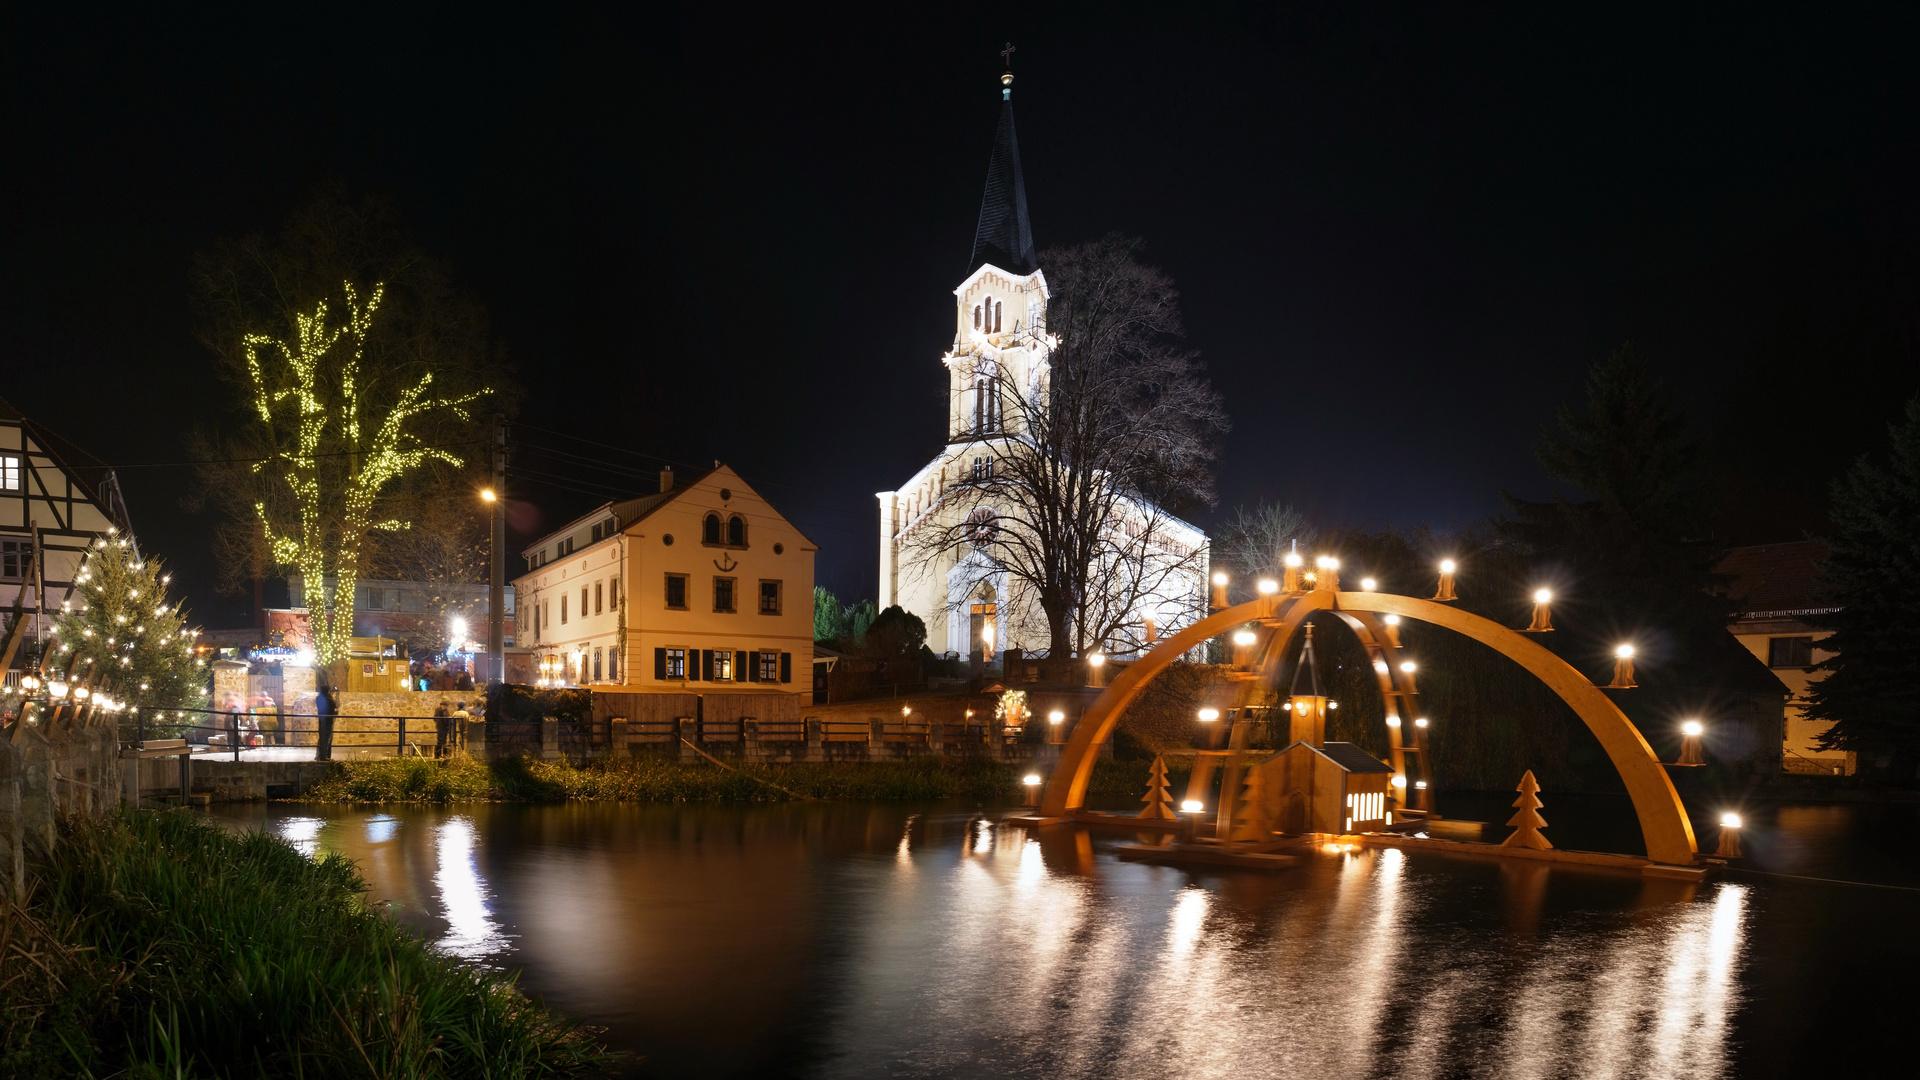 1 Advent Weihnachtsmarkt.1 Advent In Bärnsdorf Foto Bild Weihnachten World